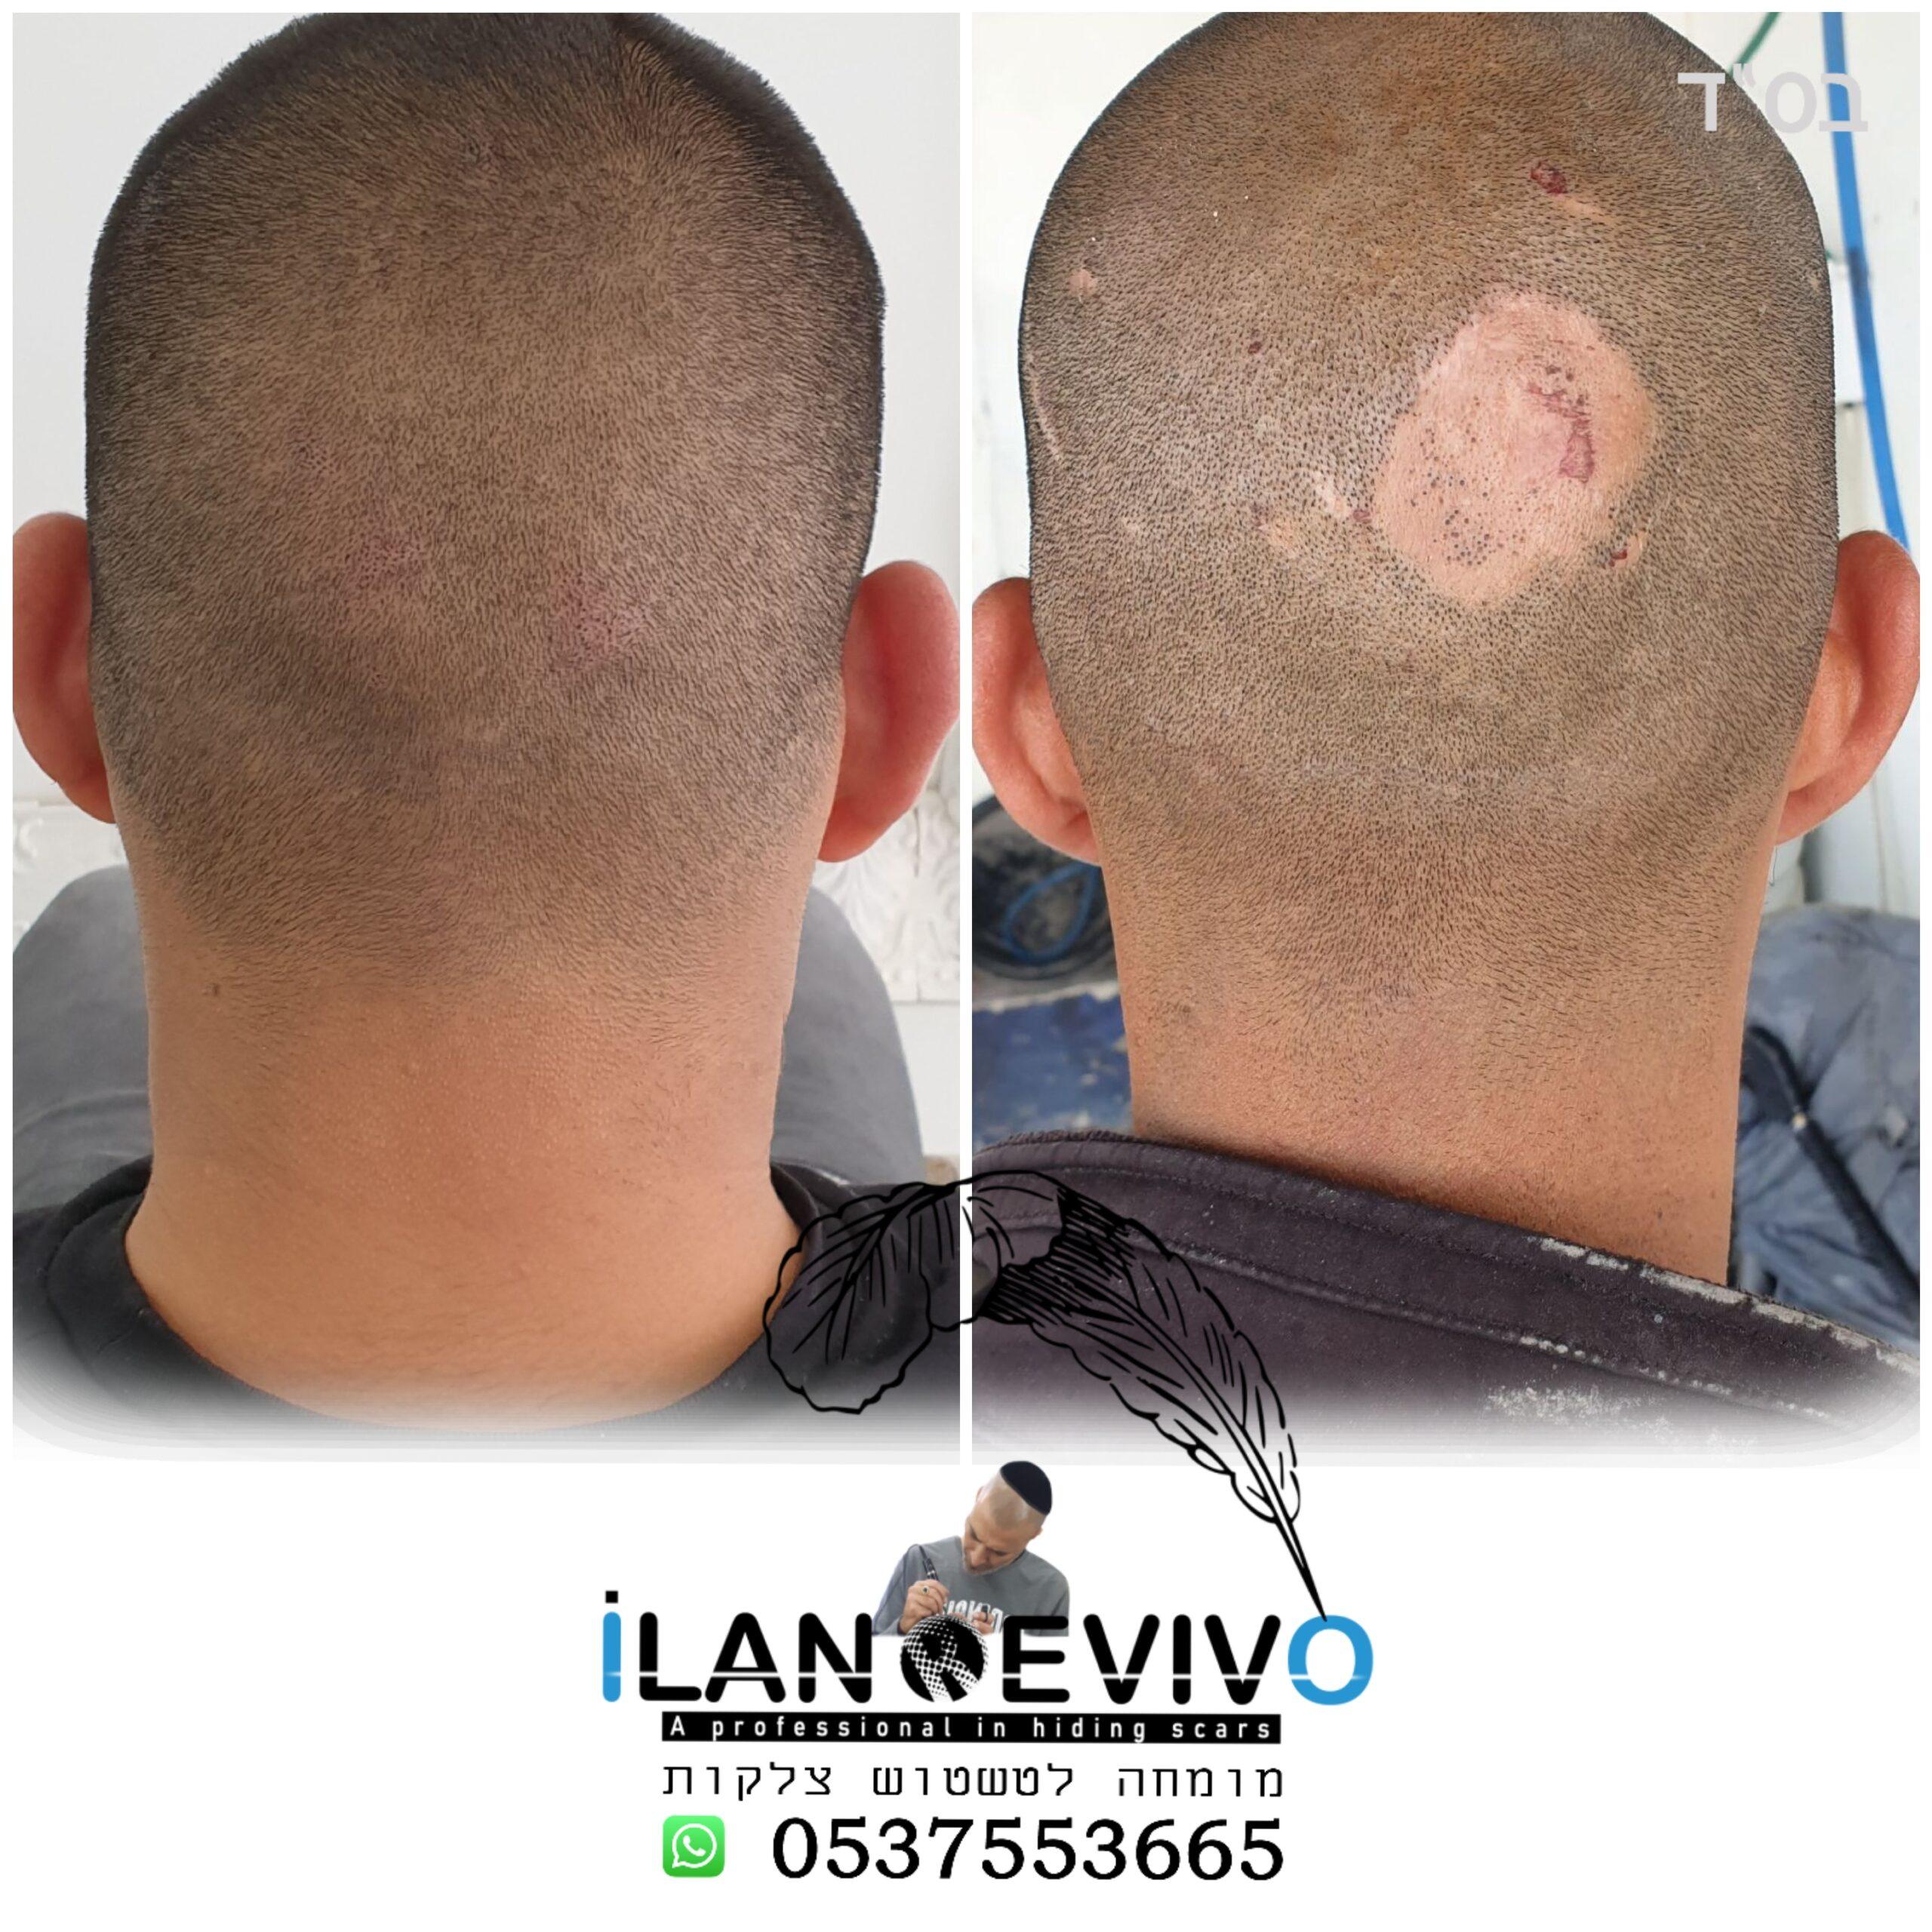 ראש צלקת - מומחה לטיפול בצלקות בקרקפת ובראש. תיקון צלקות של השתלות שיער, ציפוי צלקות במיקרופיגמנטציה, שיקום צלקות לפני ואחרי - הלוחש לצלקות